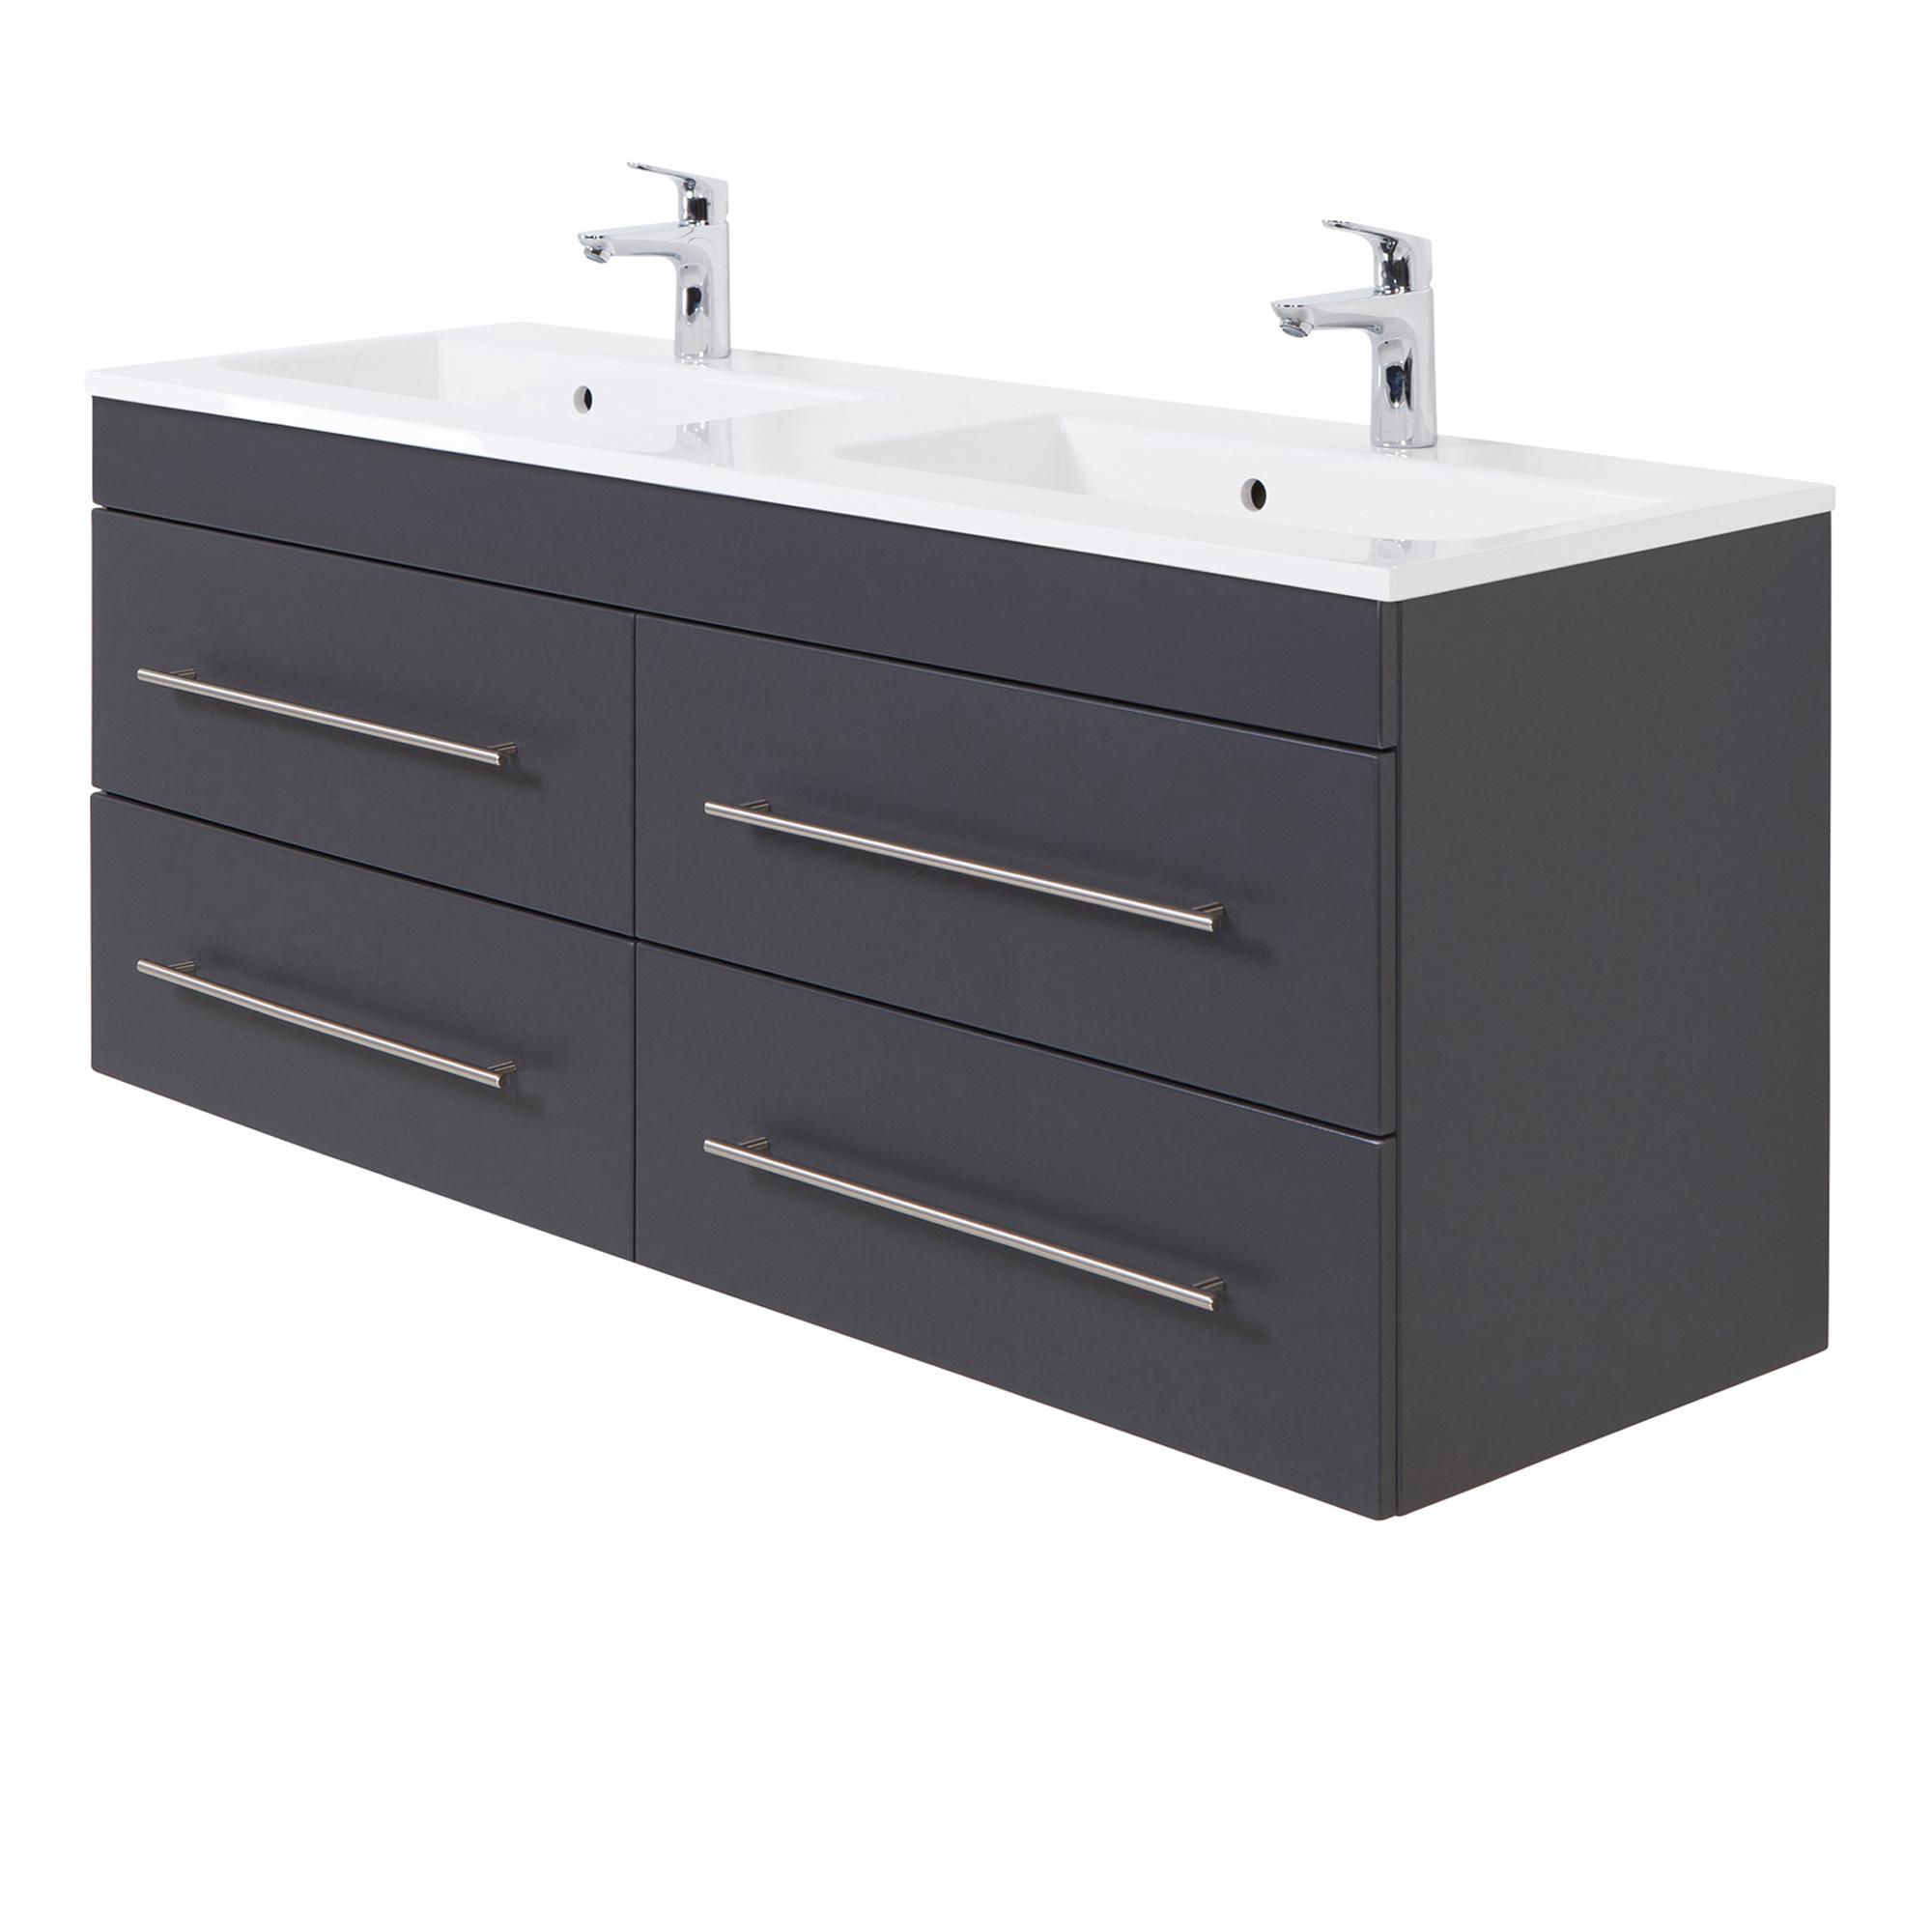 Details zu Bad-Waschtisch HOMELINE - 15 Auszüge - 1150 cm breit - Grau  glänzend